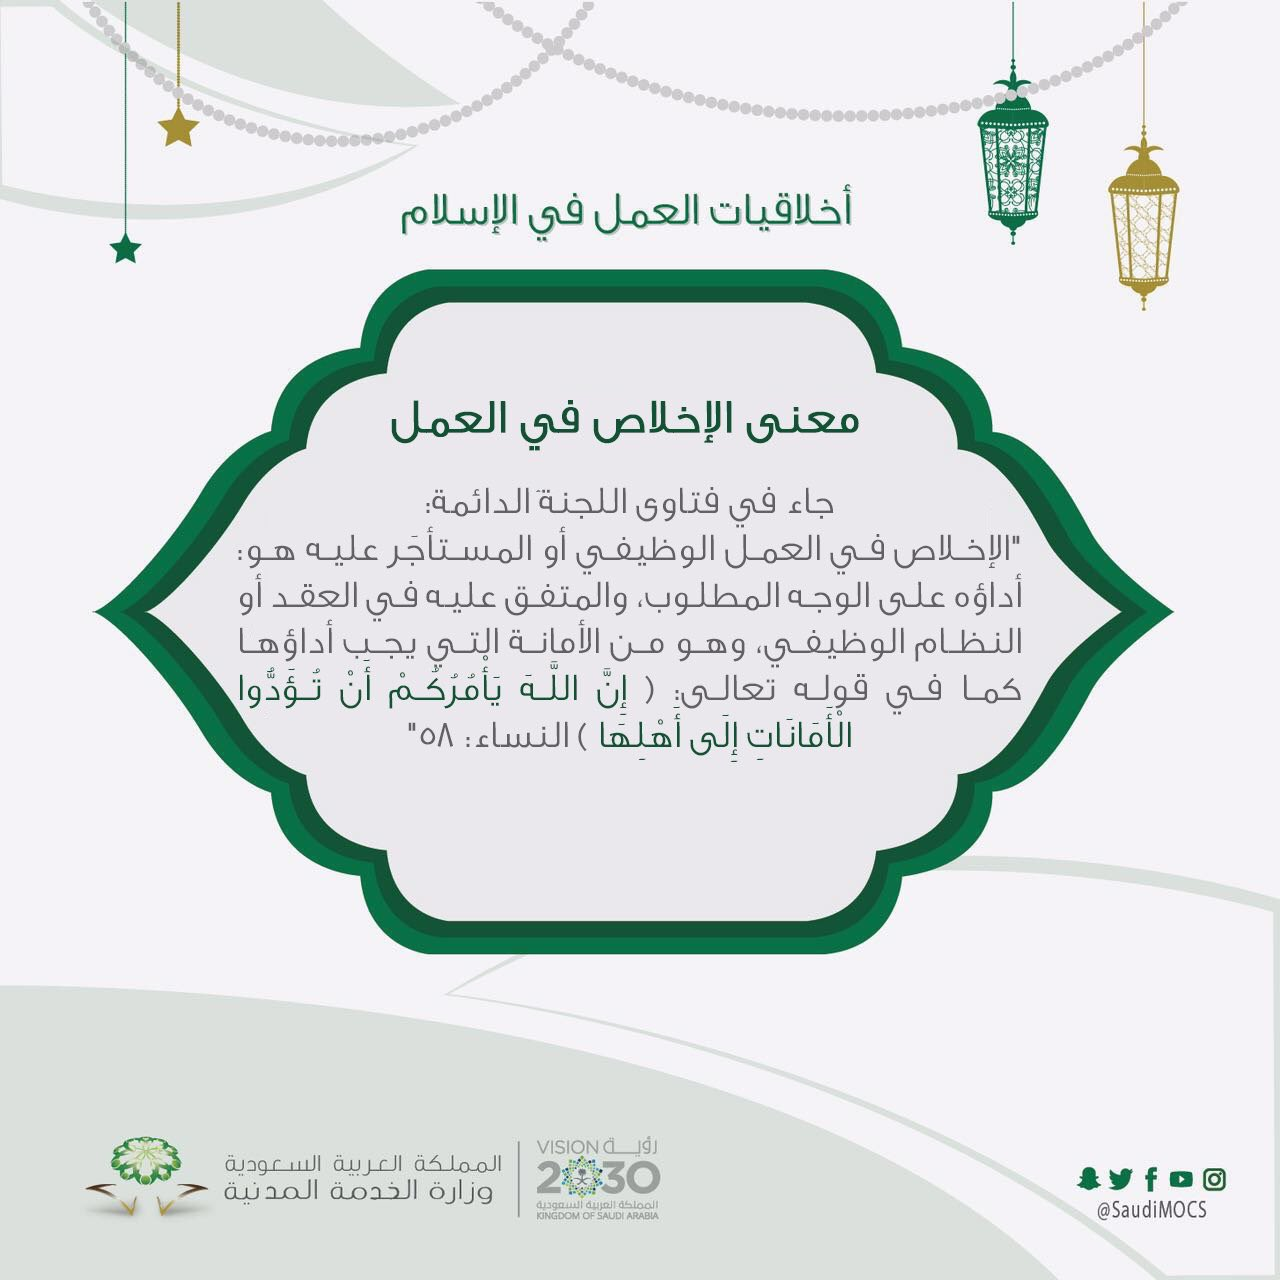 Uzivatel الموارد البشرية Na Twitteru التواضع الصدق الاخلاص العدل بعض الصفات العملية الجميلة التي نراها في موظفي وزارة الخدمة المدنية Saudimocs